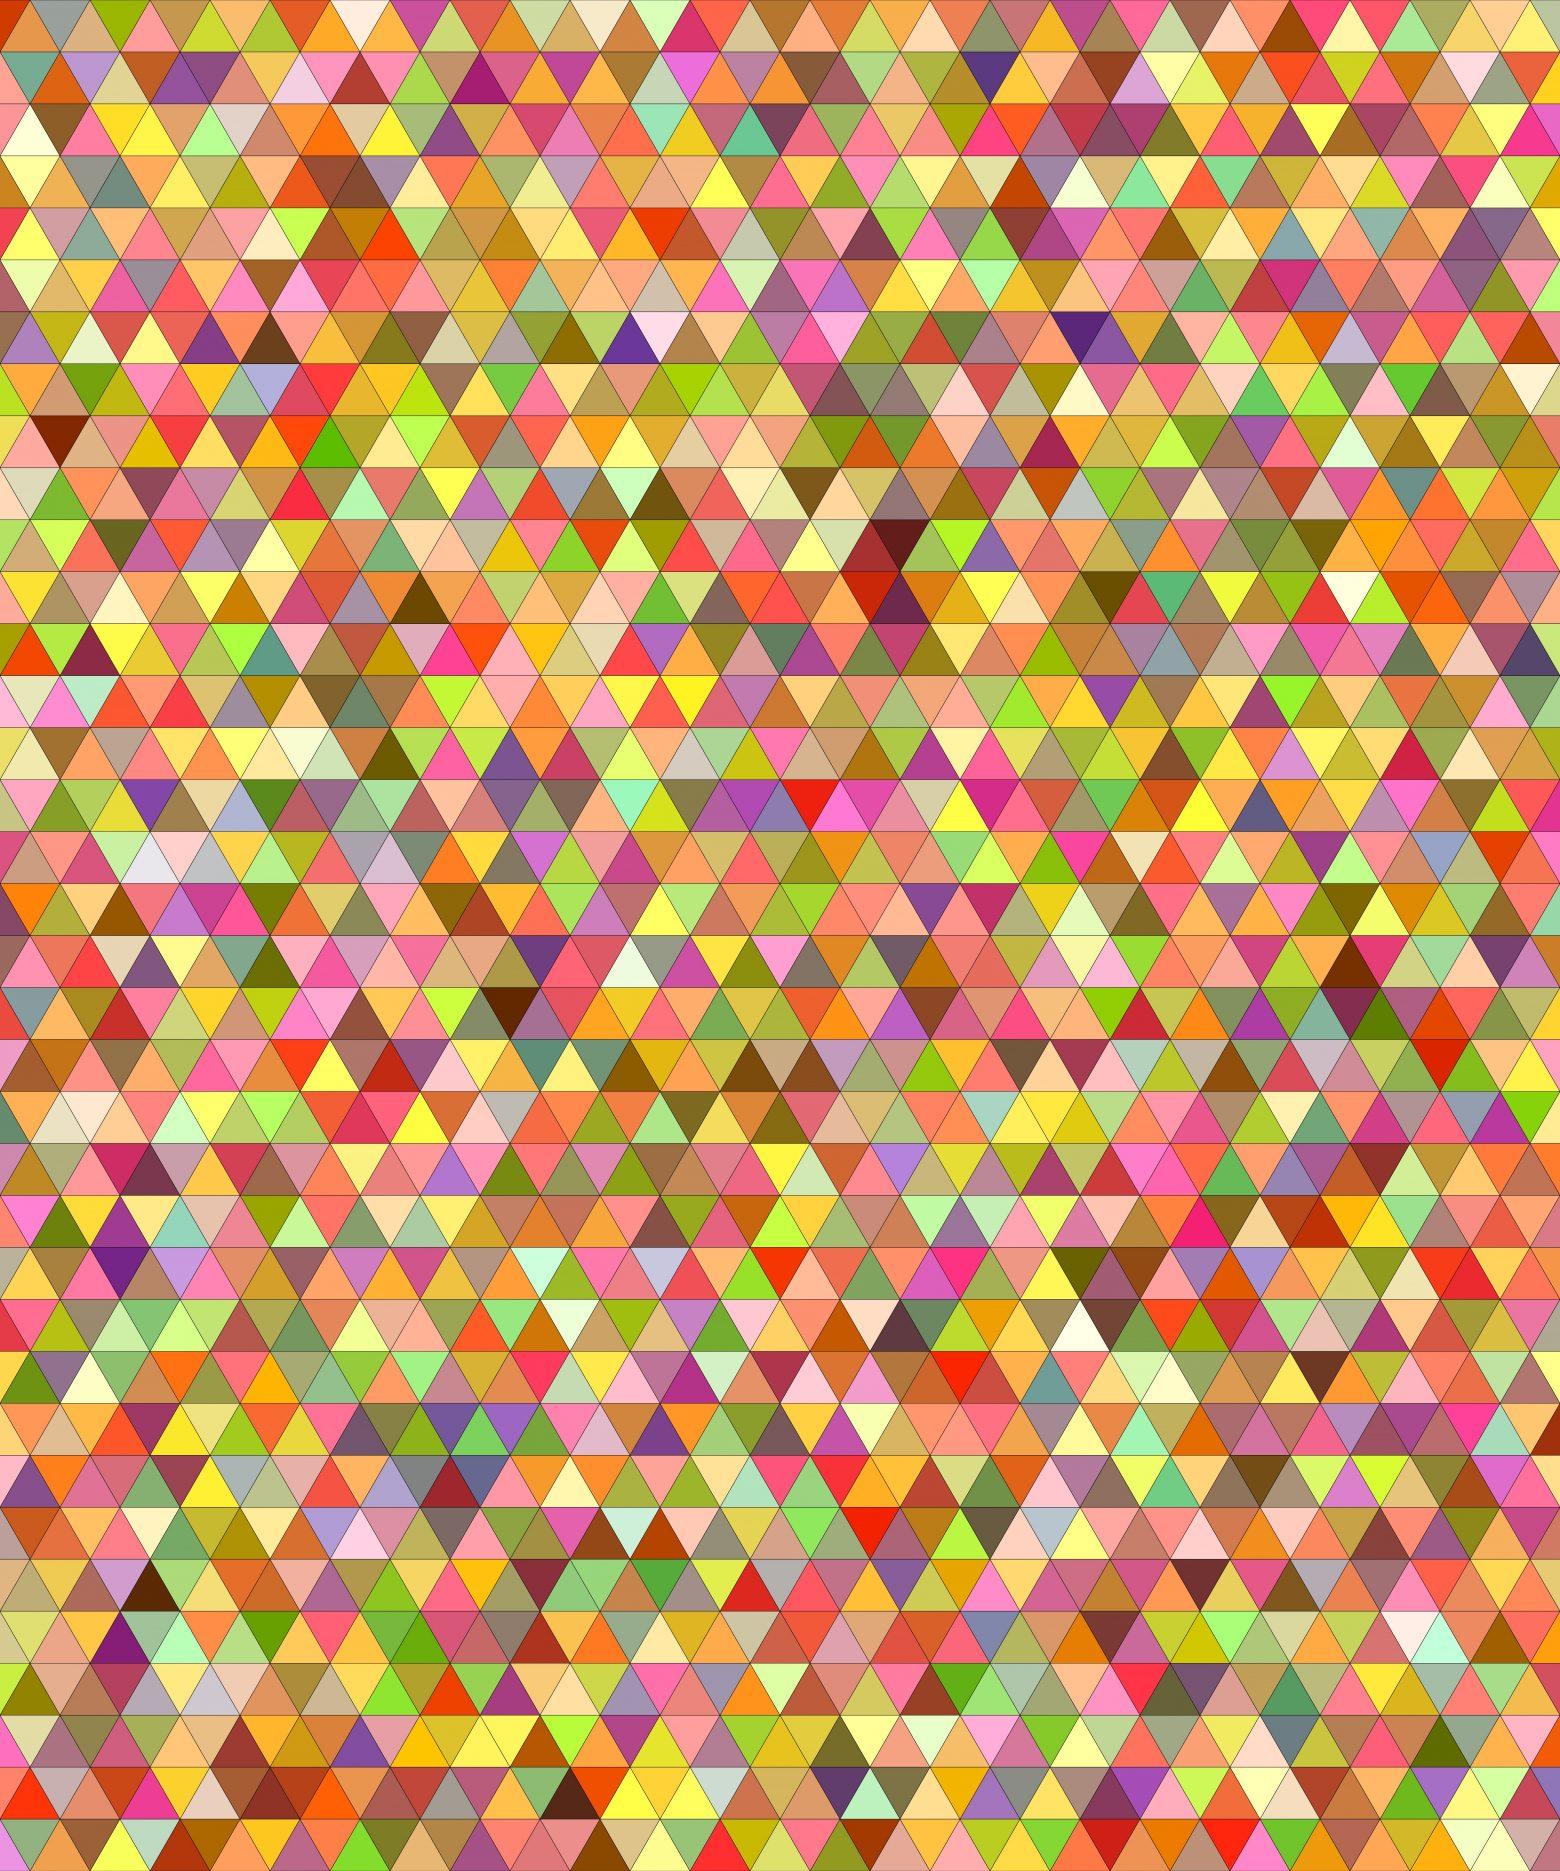 multicolored-2484169